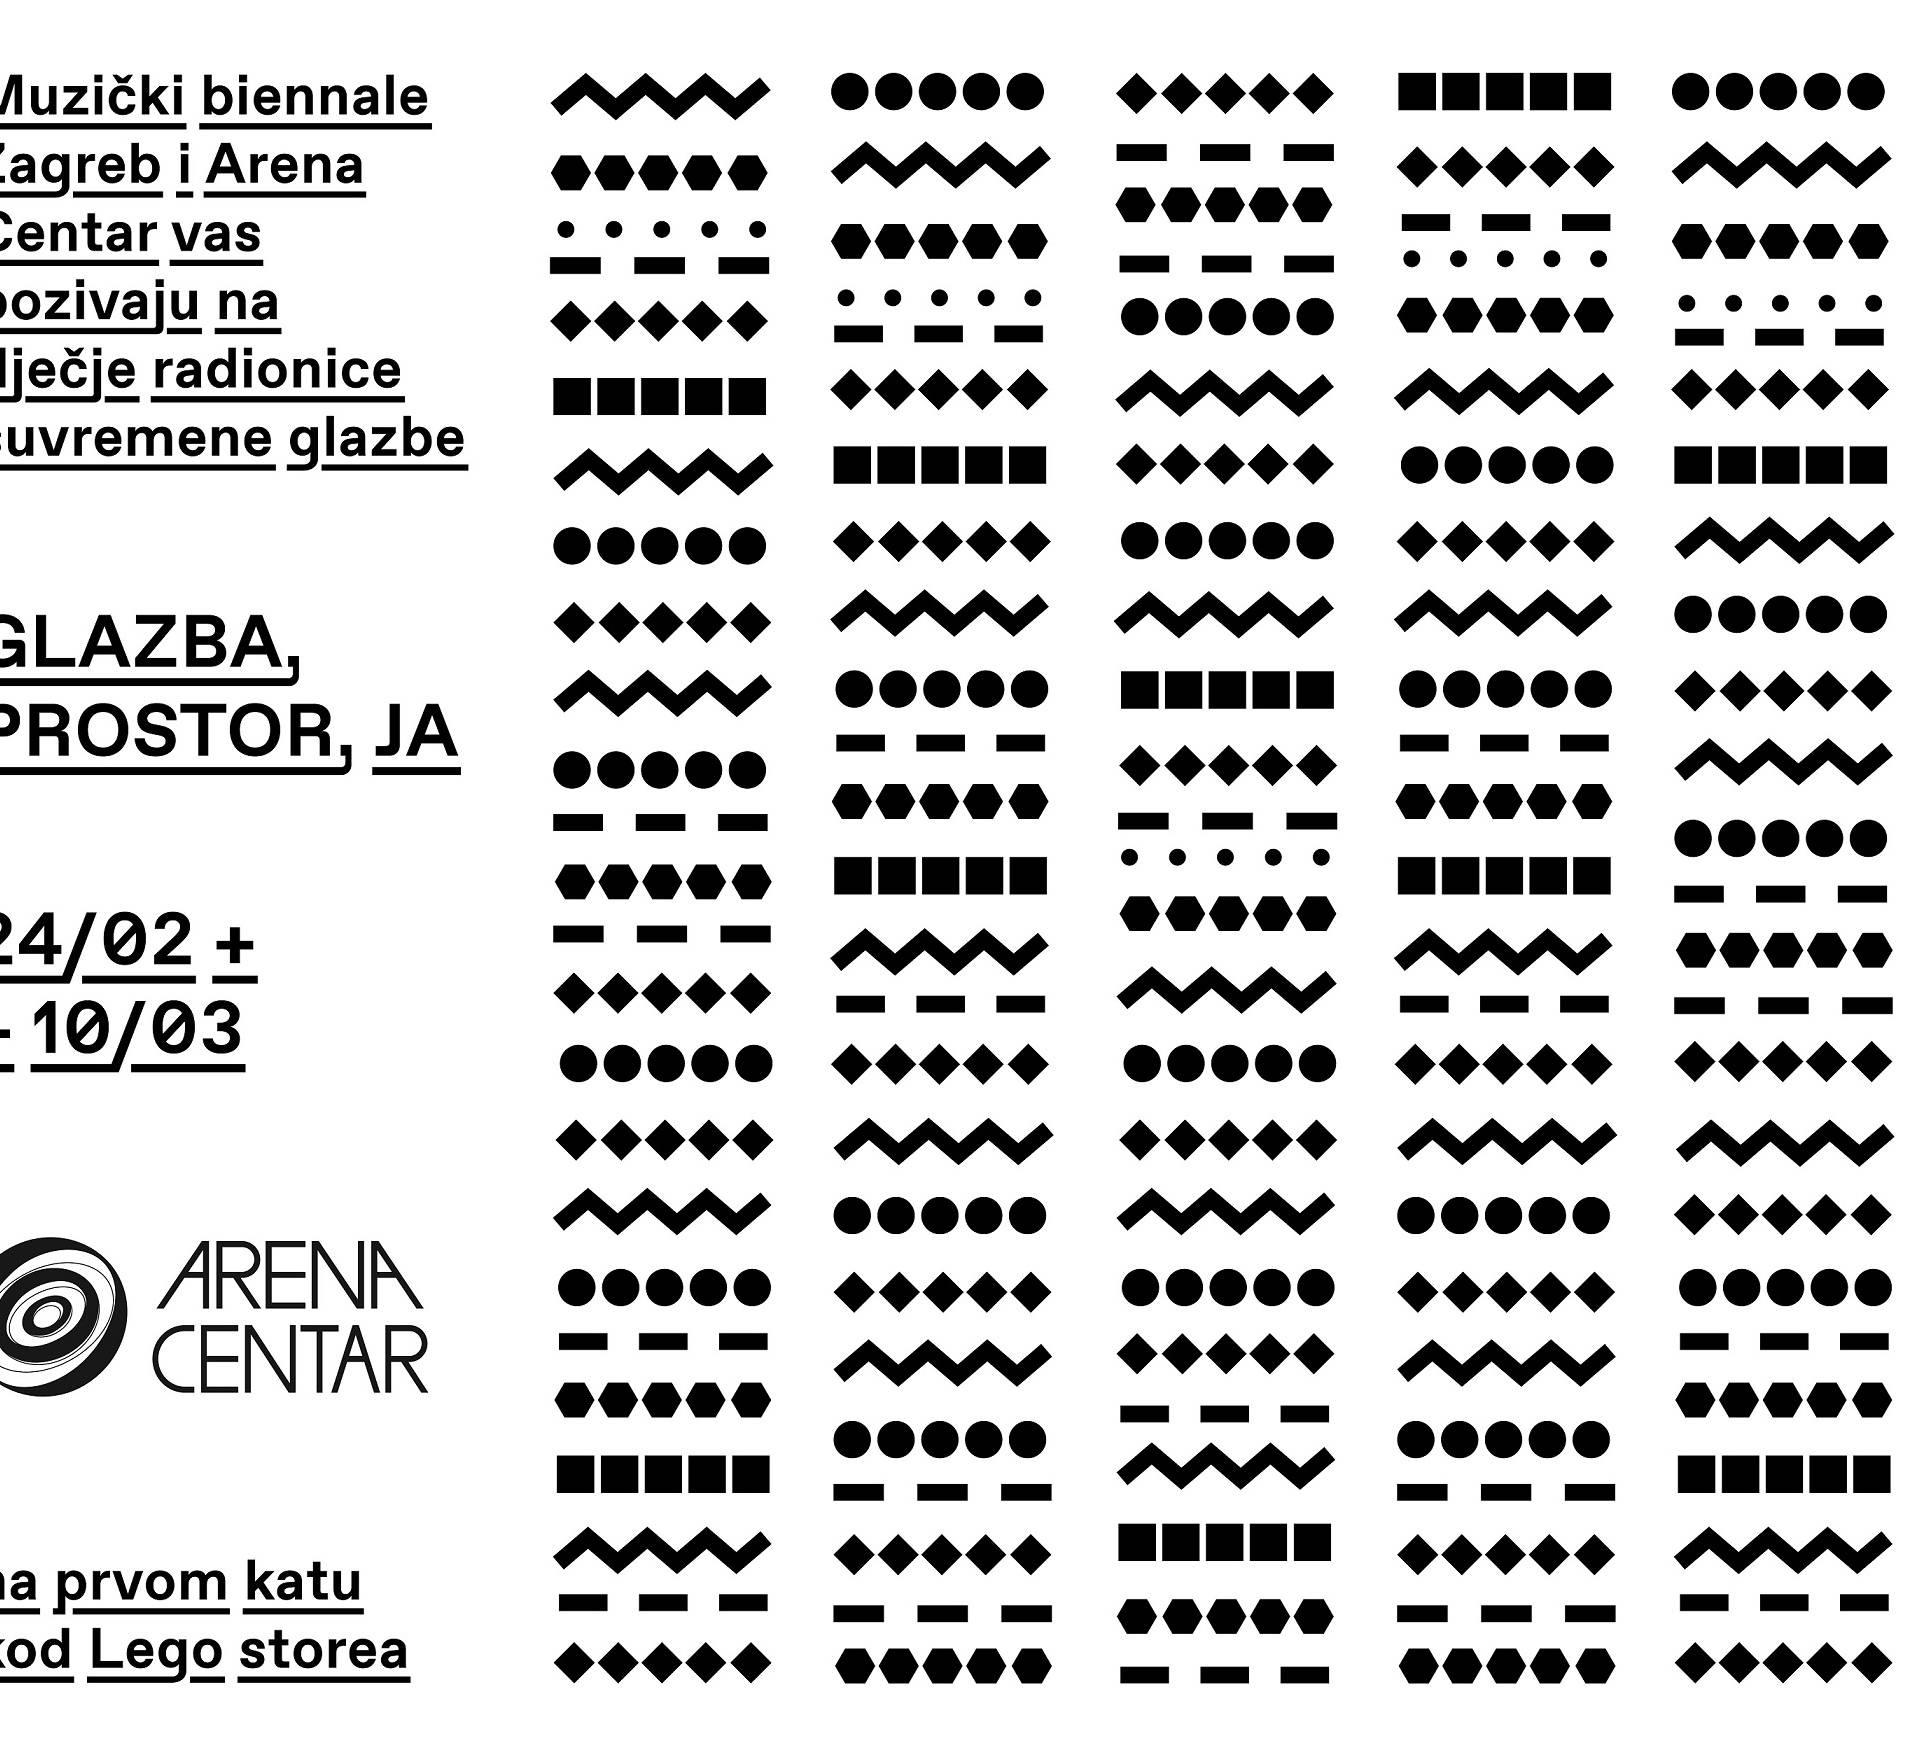 Muzički biennale donosi radionice u Arena Centar!